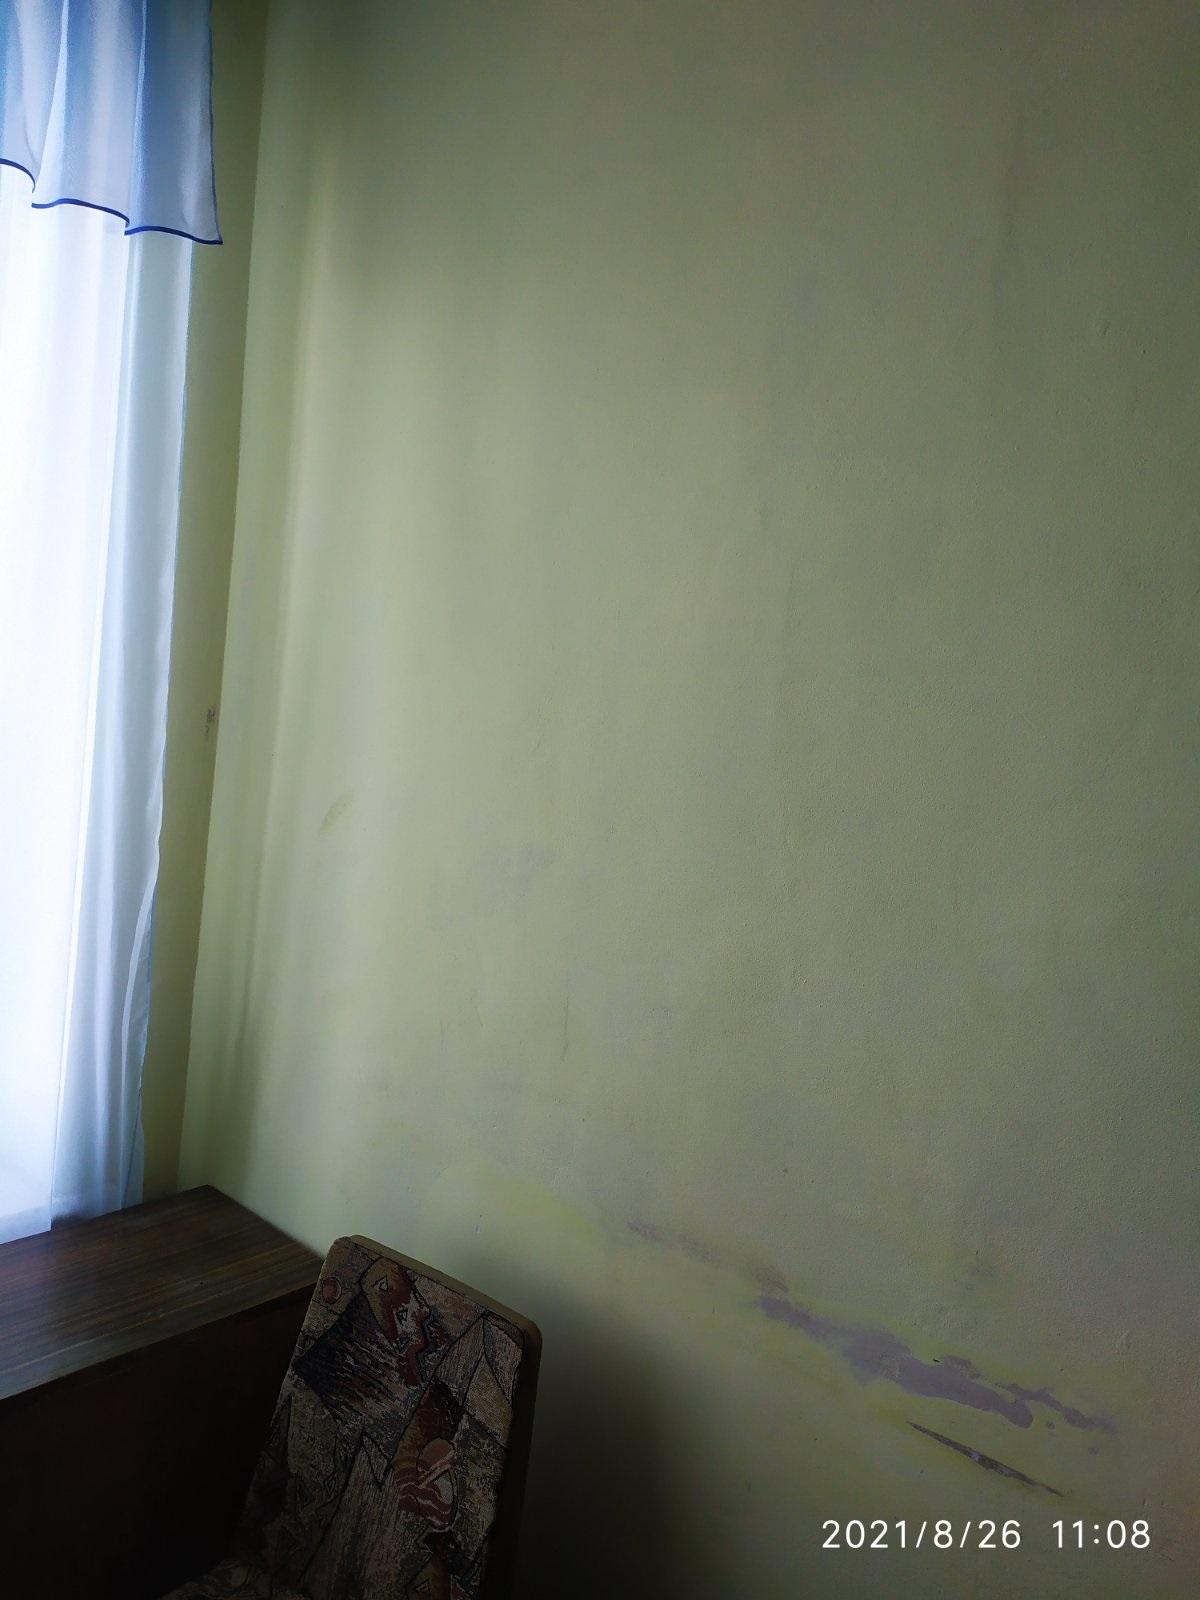 Оренда частини адмінбудівлі  за адресою:44201 Волинська область, смт. Любешів, вулиця Незалежності, 53, площею 10,6 кв.м.